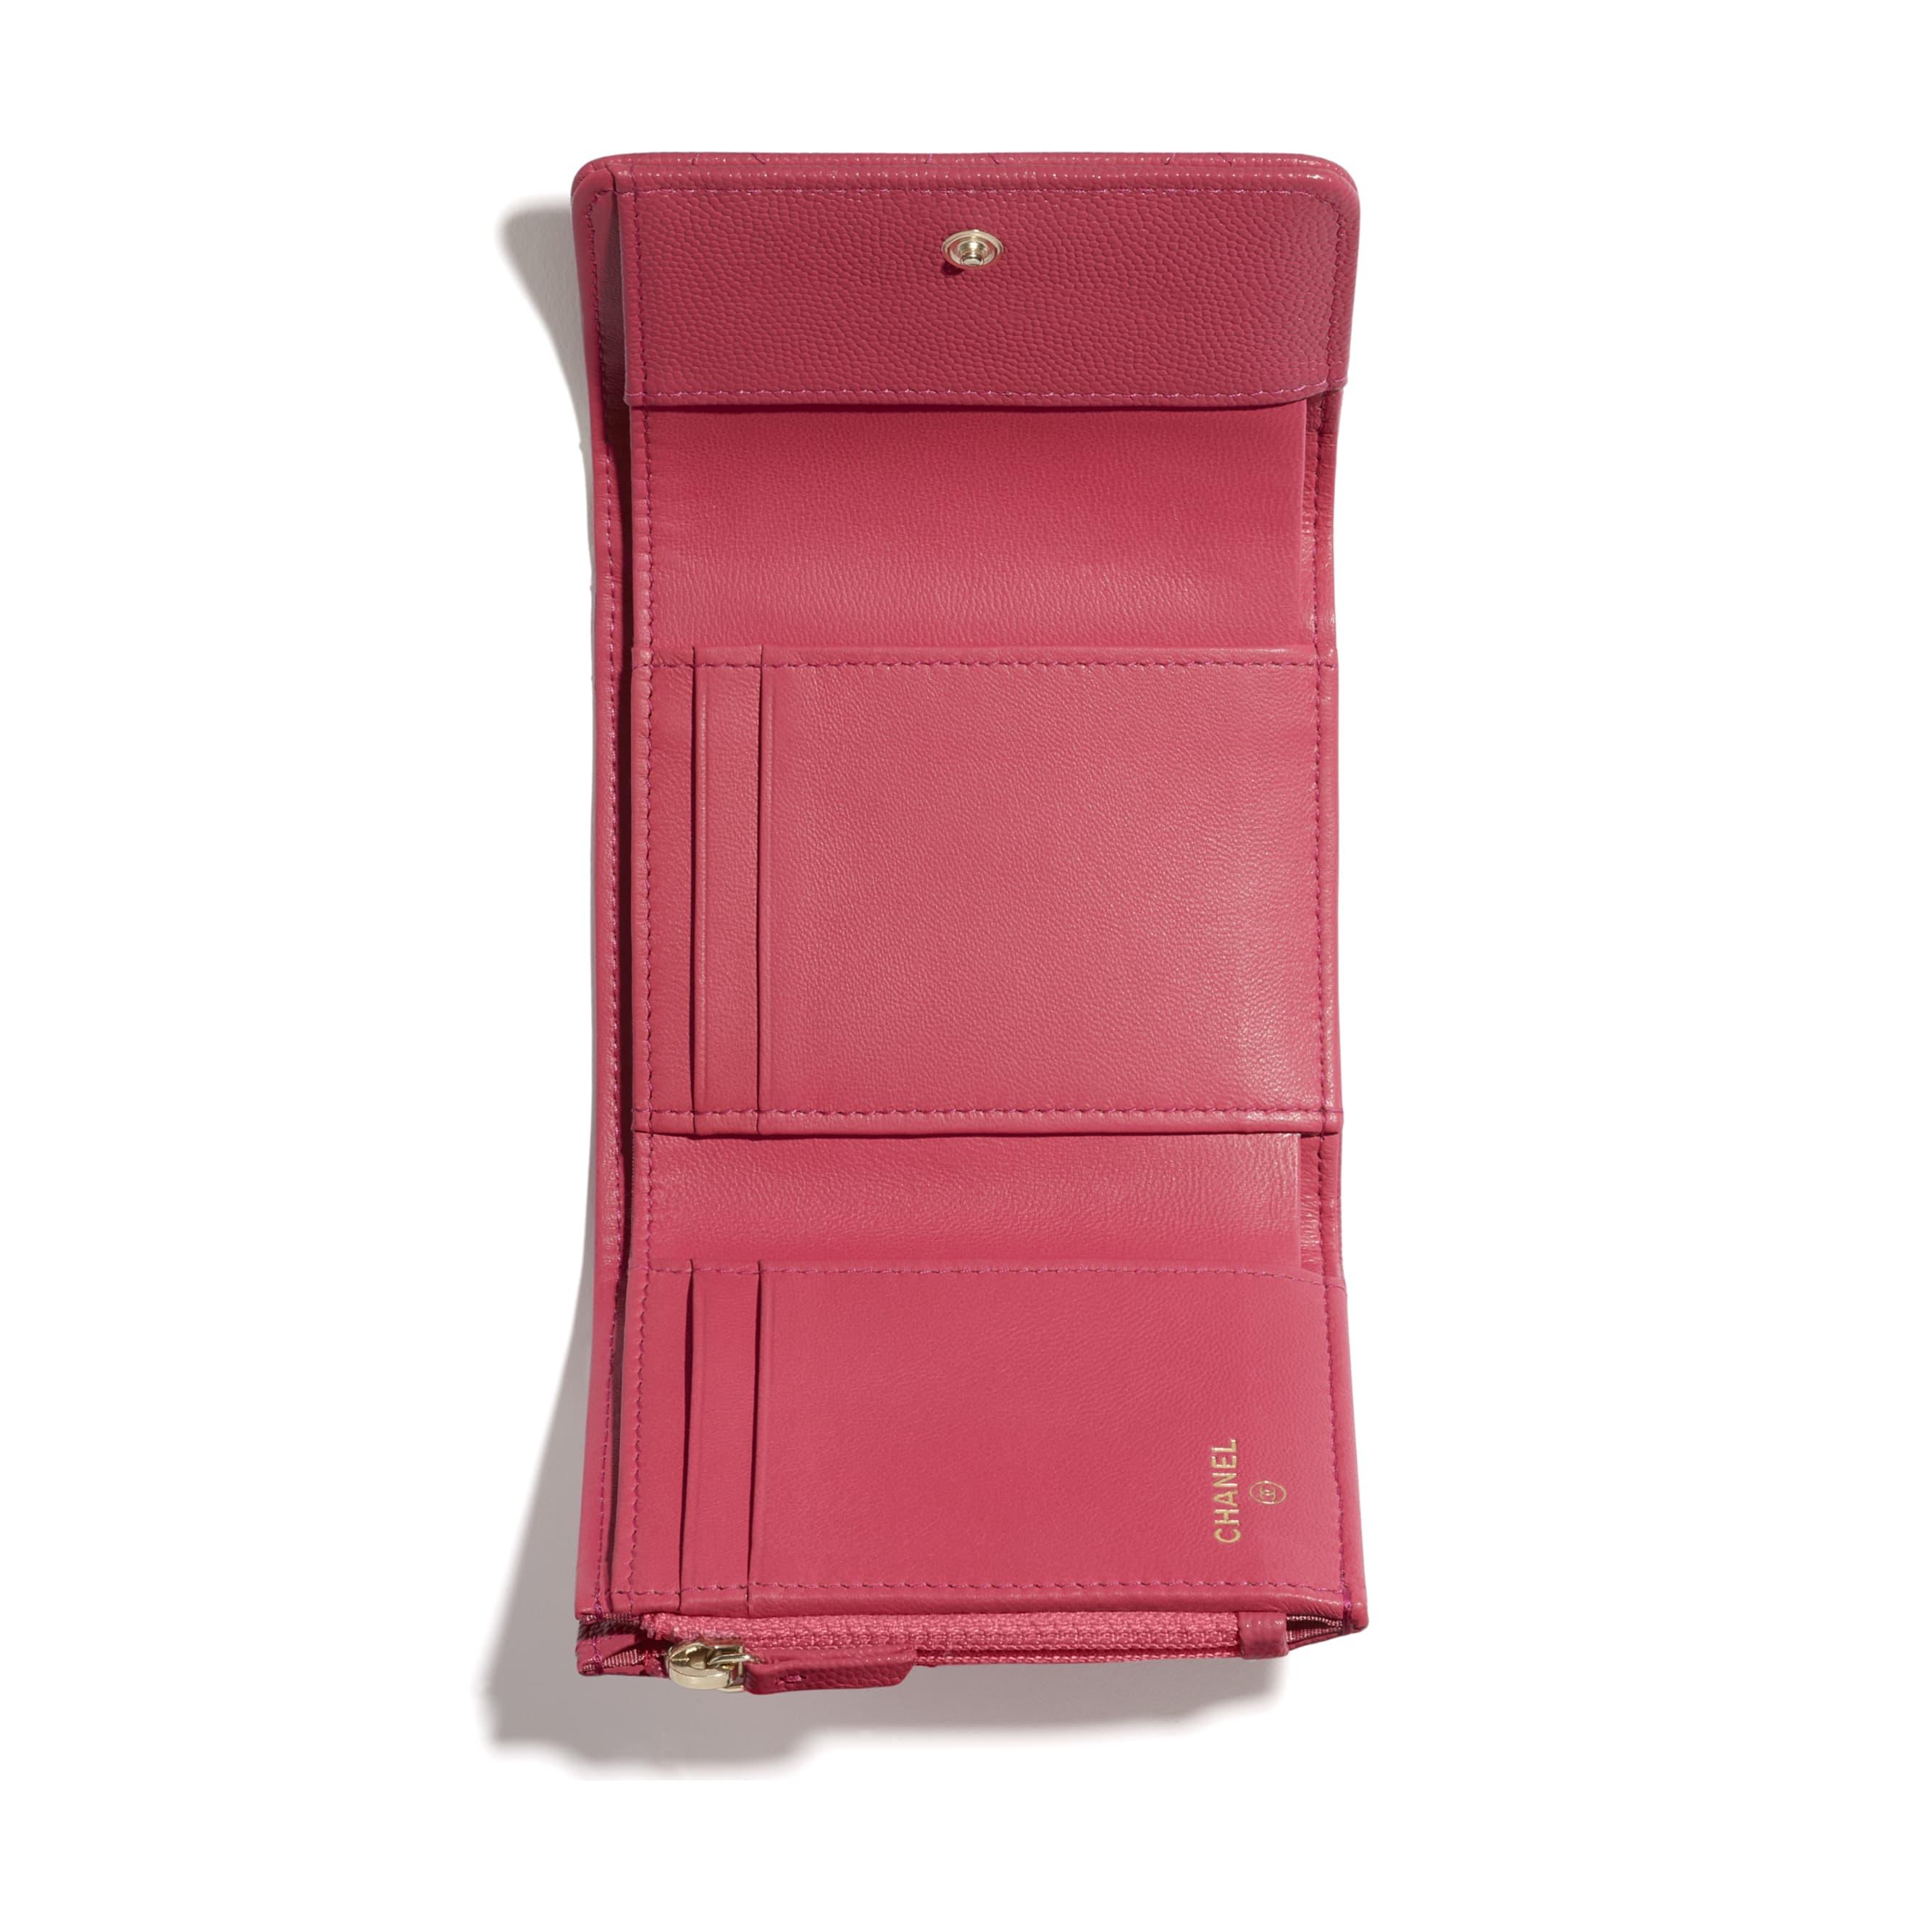 Mały porfel z klapką - Kolor różowy - Skóra cielęca o ziarnistej fakturze i metal w tonacji złotej - CHANEL - Inny widok – zobacz w standardowym rozmiarze